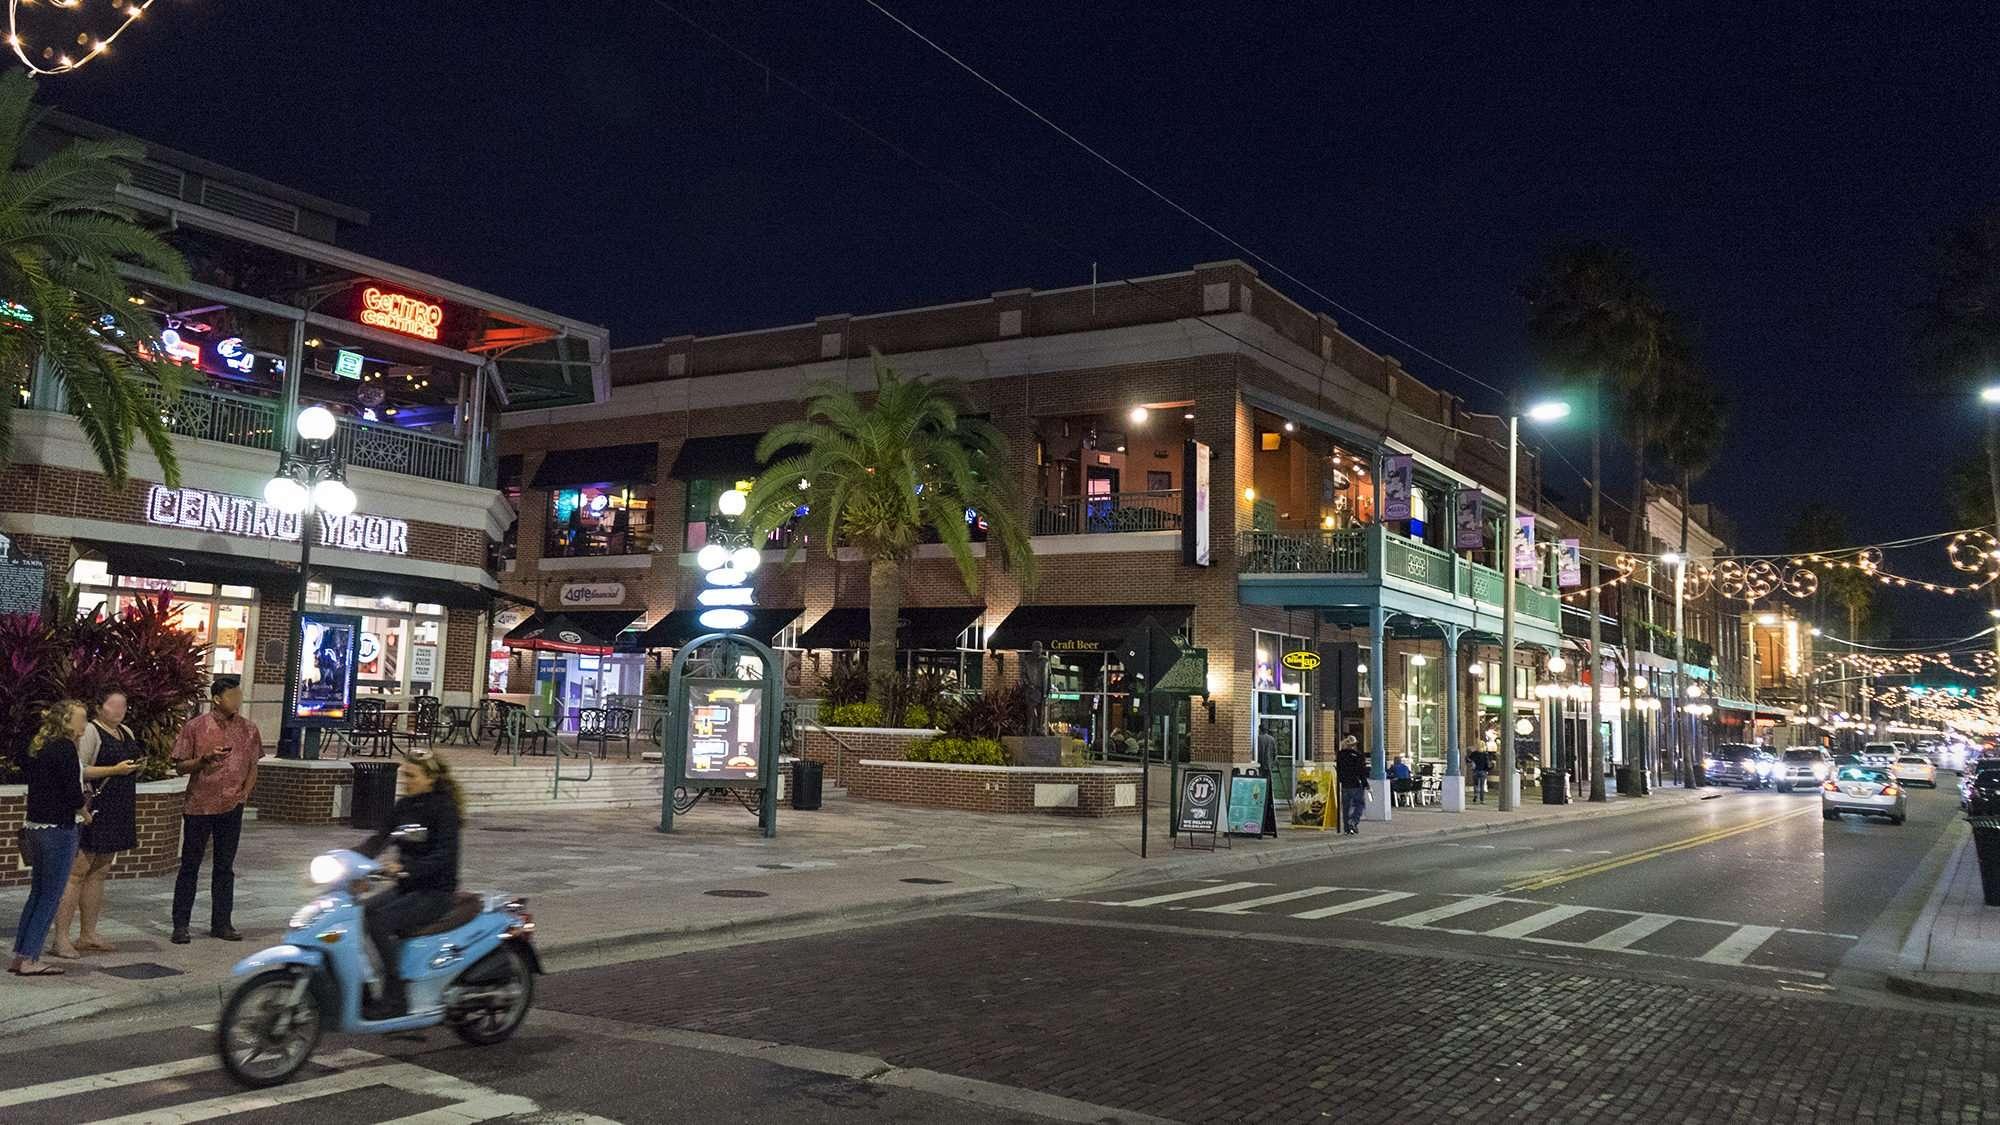 Feb 5, 2017 - Centro Ybor shopping center, 7th Avenue, Ybor City Tampa, Florida/photonews247.com